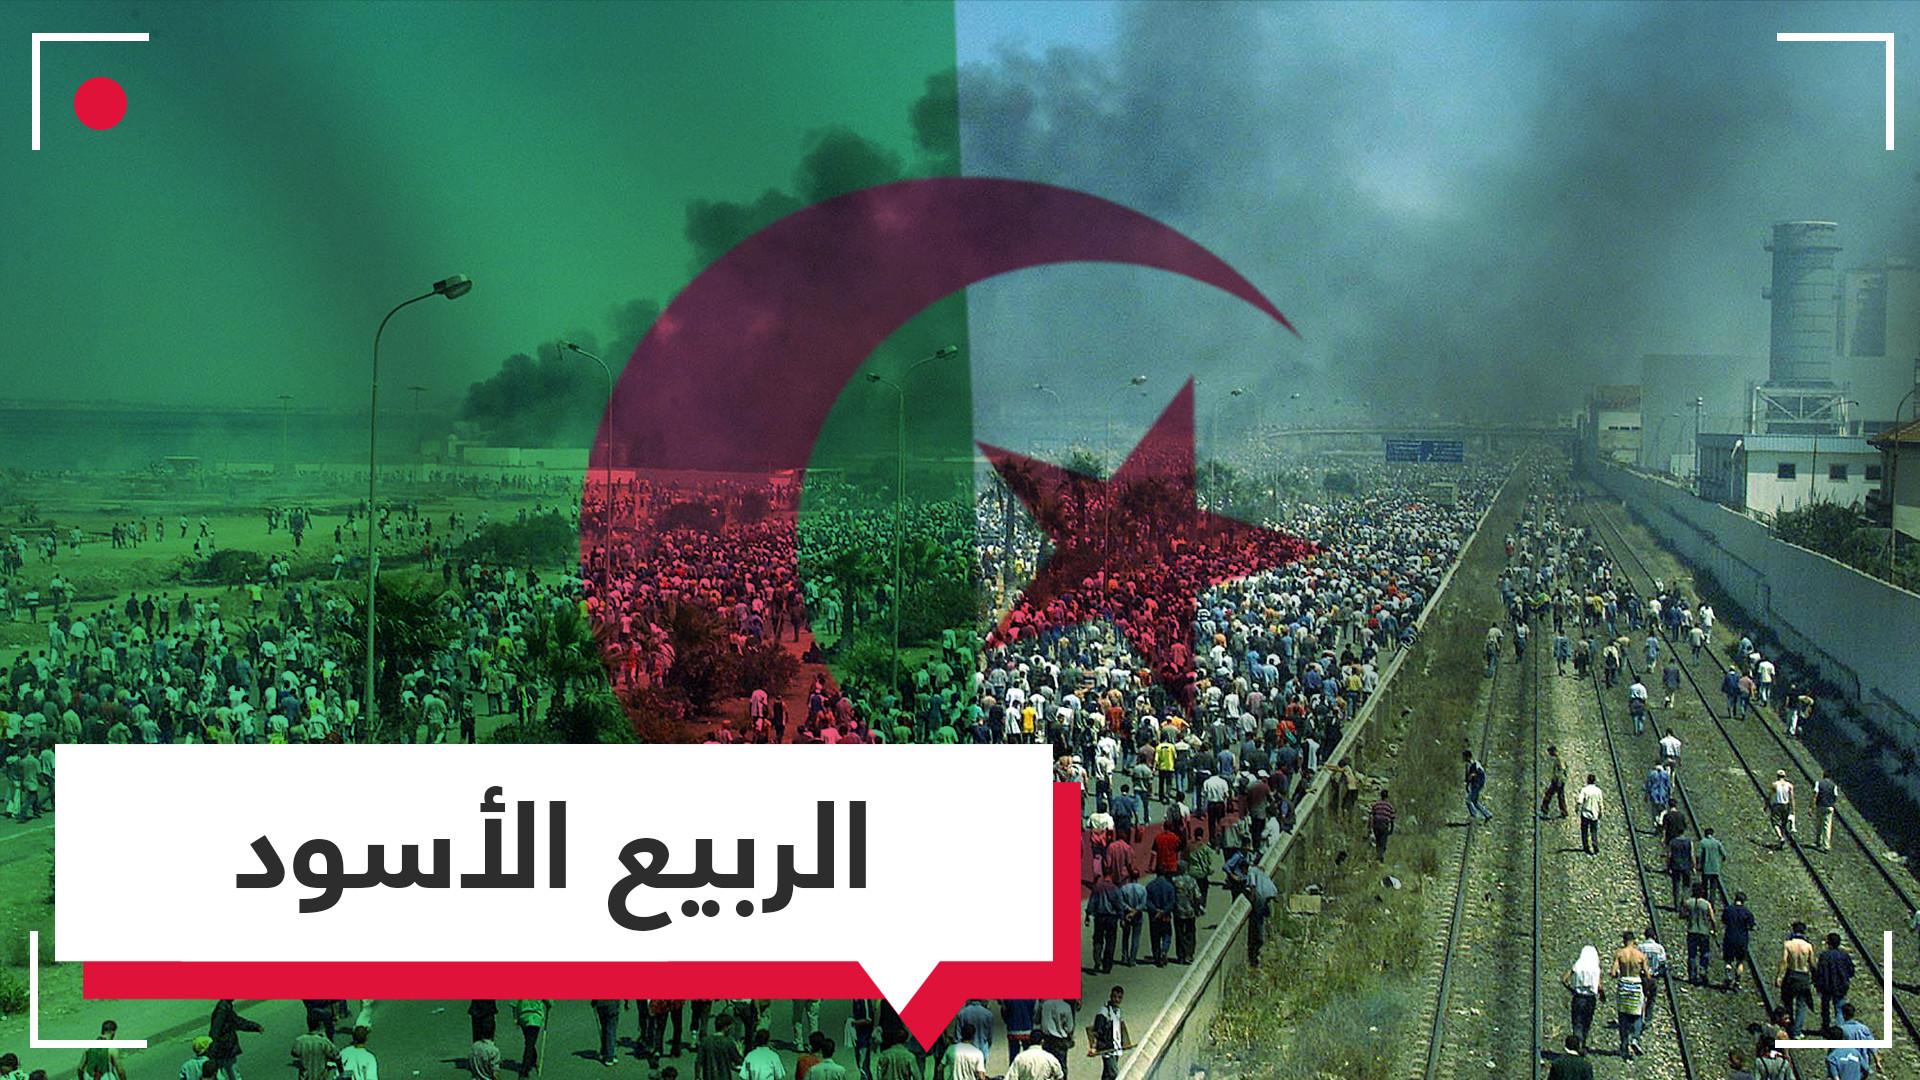 الربيع الأسود في الجزائر.. ماذا تعرف عنه؟